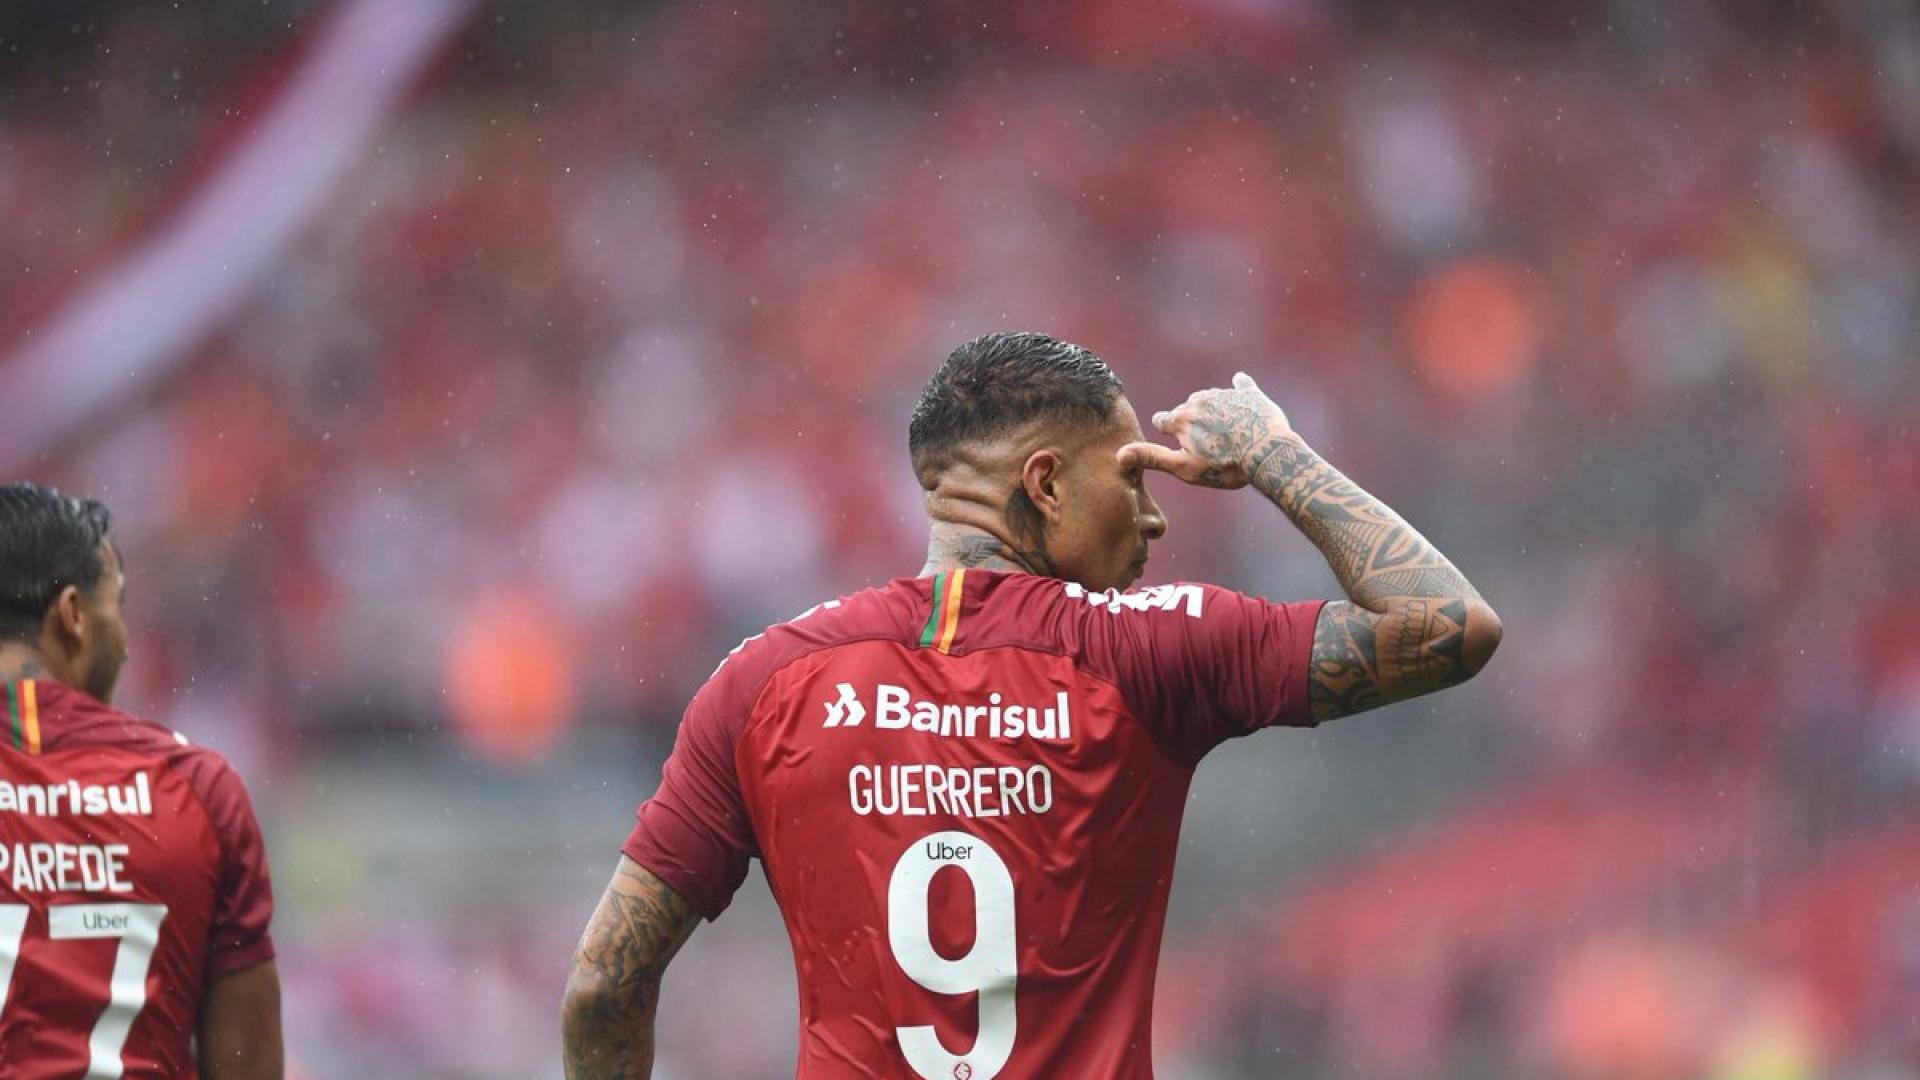 Guerrero confia em título do Inter: 'Em casa a gente resolve'